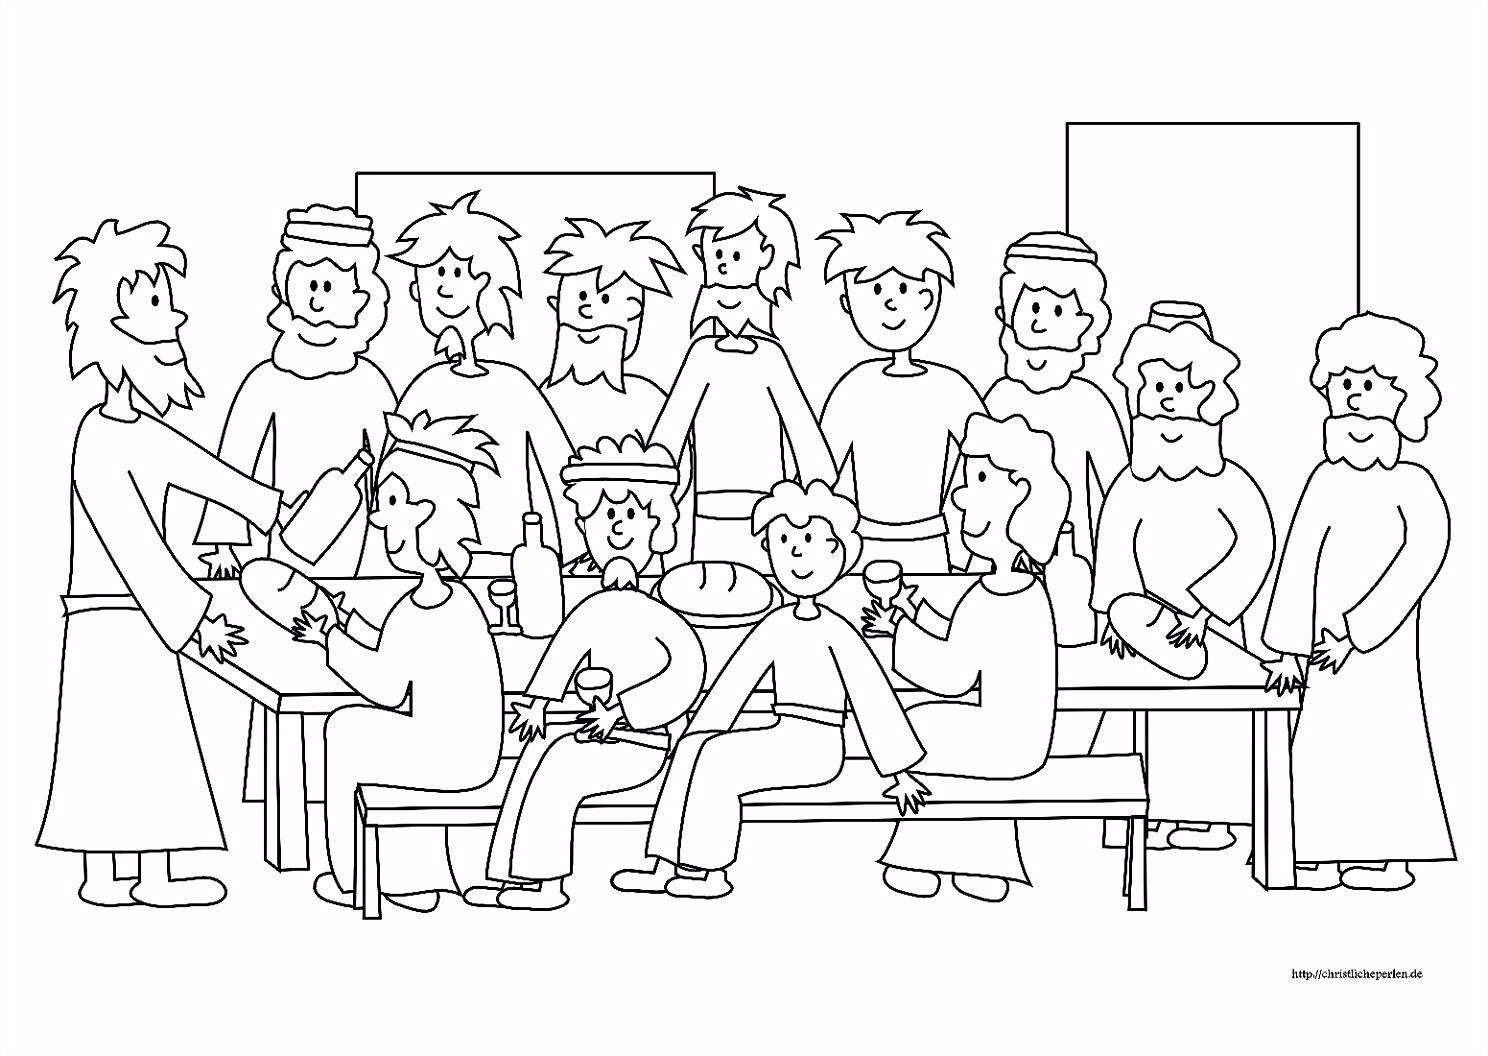 Kindergottesdienst Vorlagen Kostenlos 34 Wunderbare Abbildung Der Kindergottes Nste Vorlagen H2qc66ocz3 T4nc2hakf6